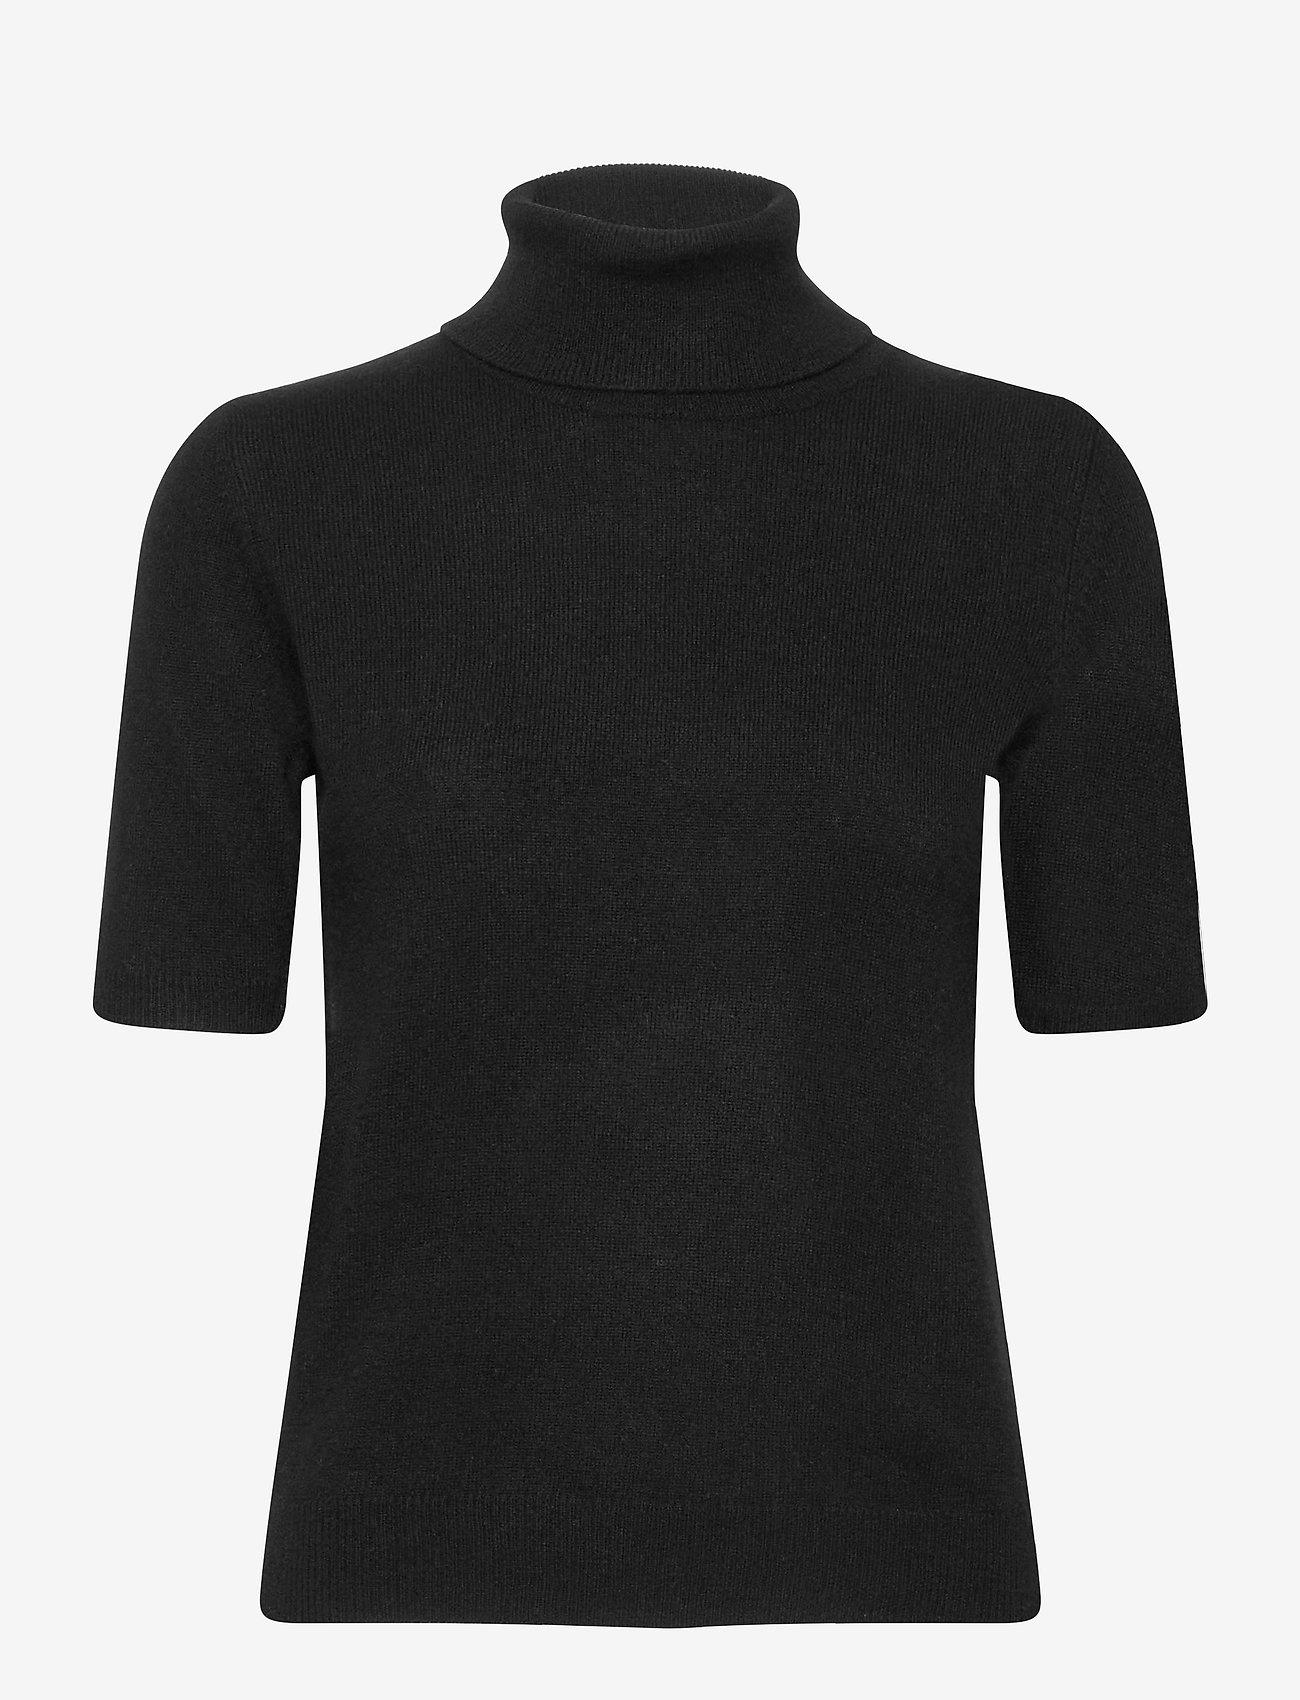 Davida Cashmere - Turtleneck T-shirt - knitted tops - black - 0